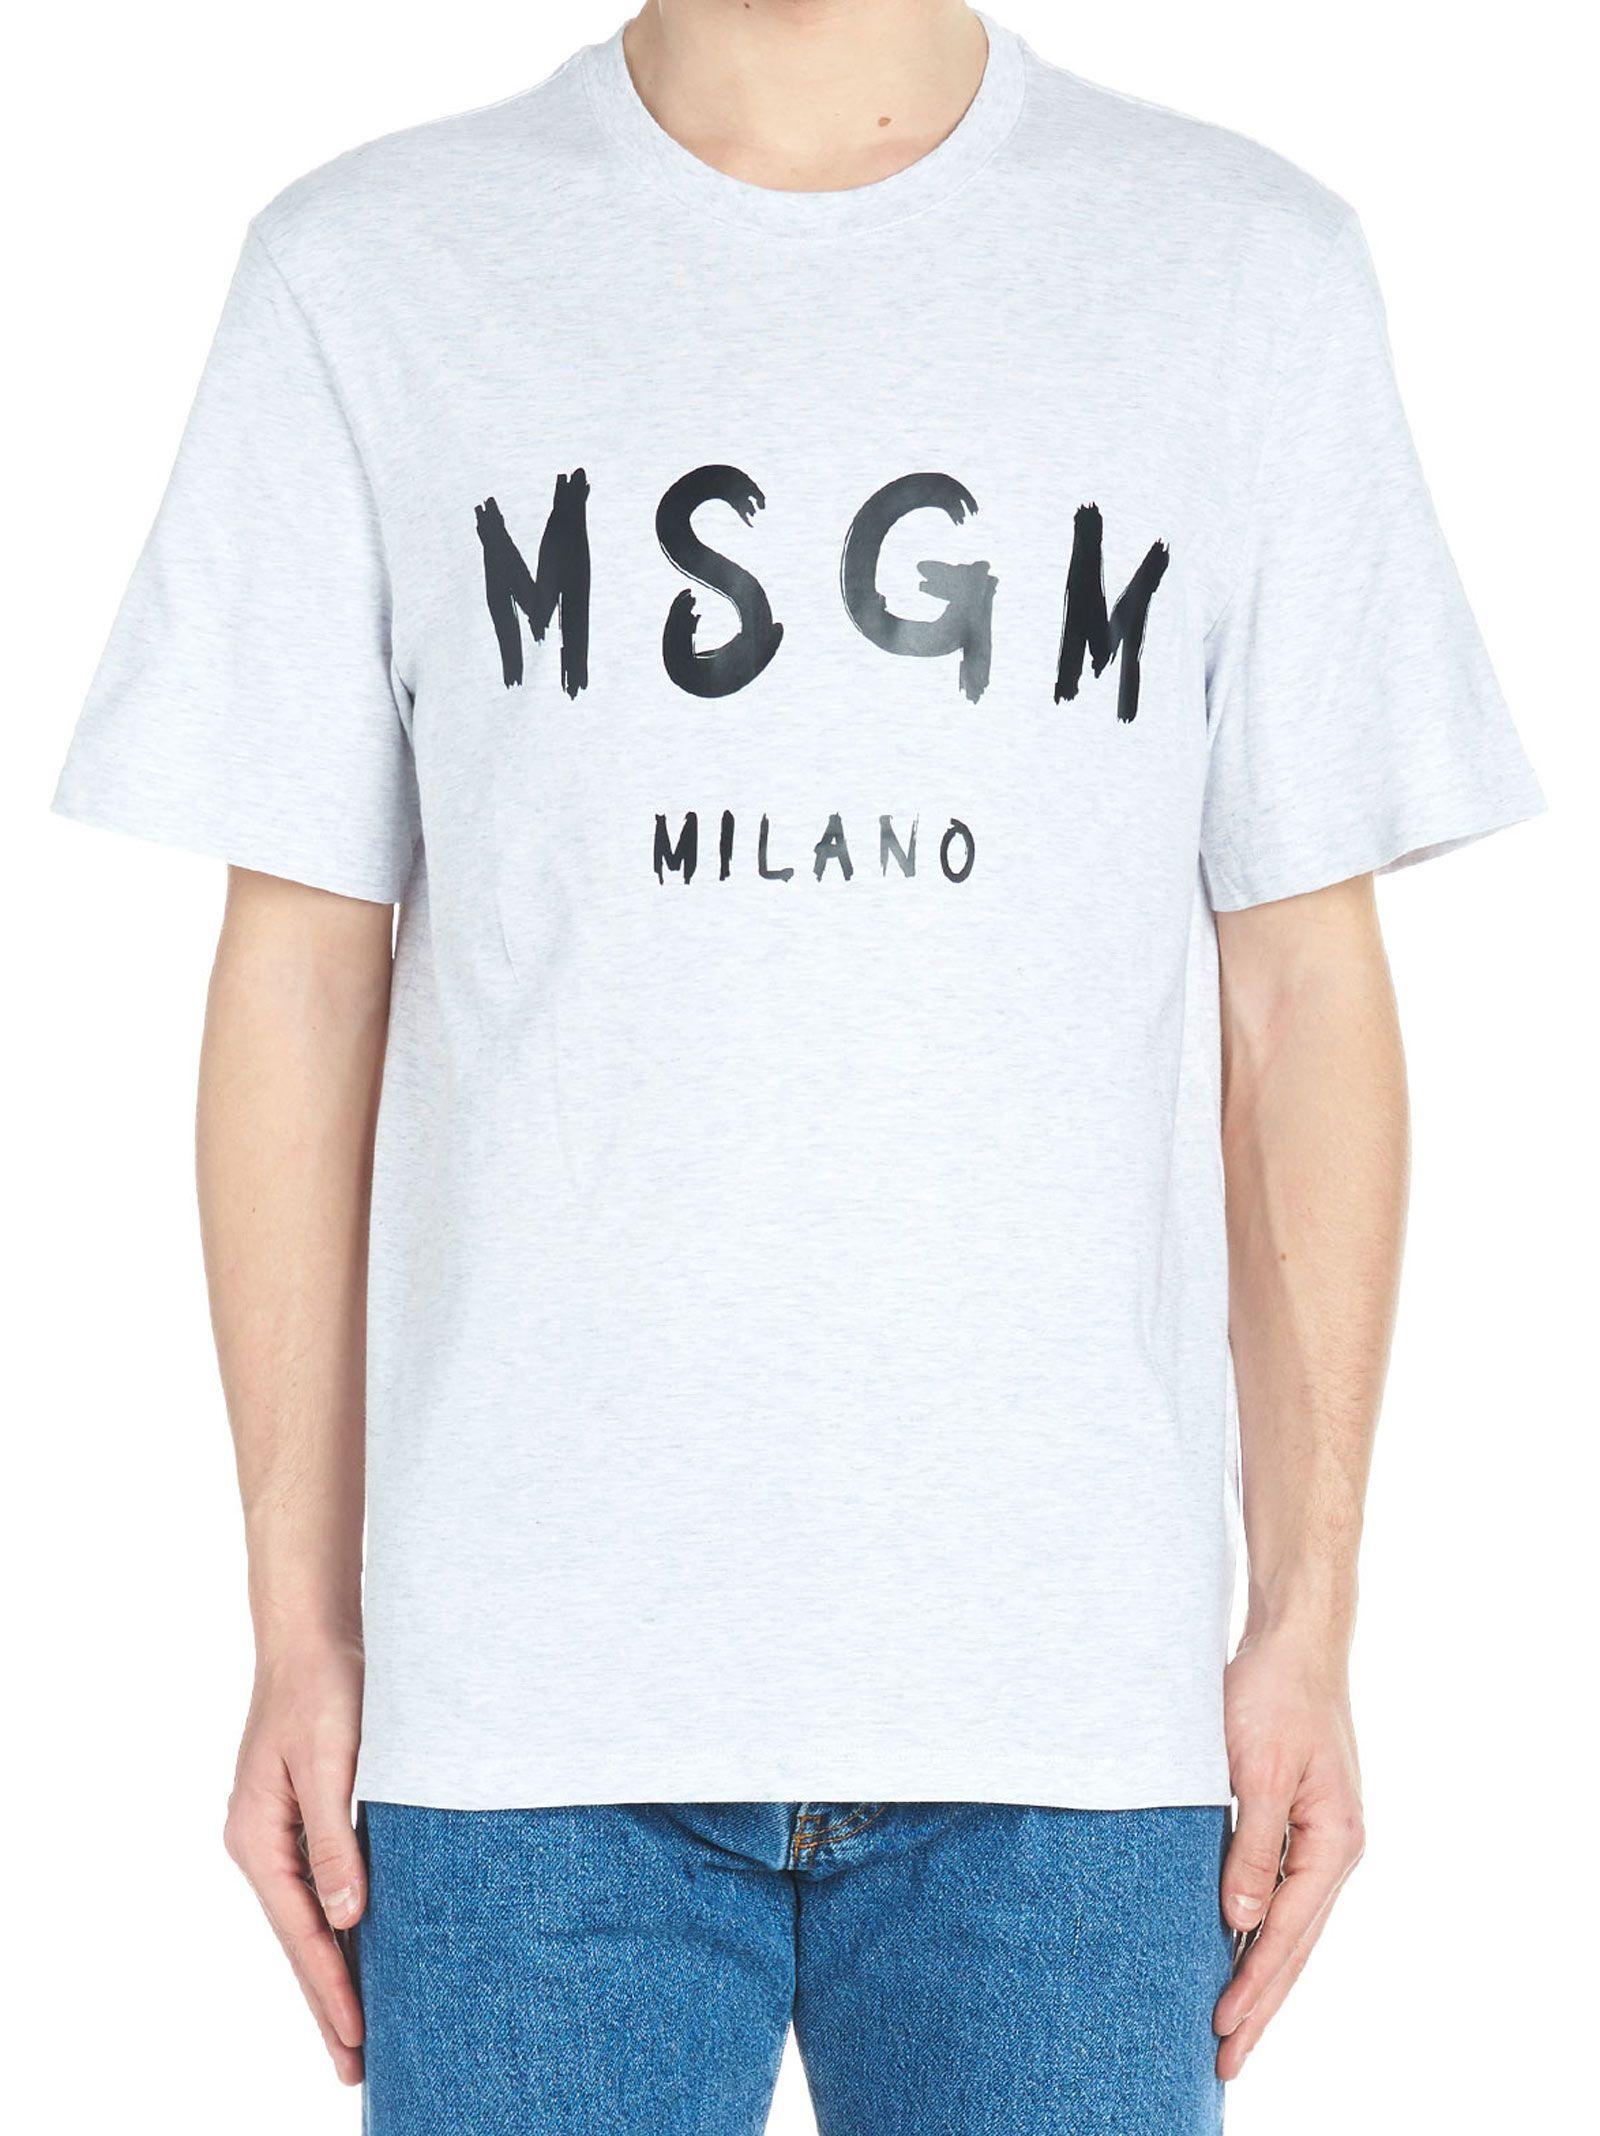 Msgm 'msgm Milano' T-shirt